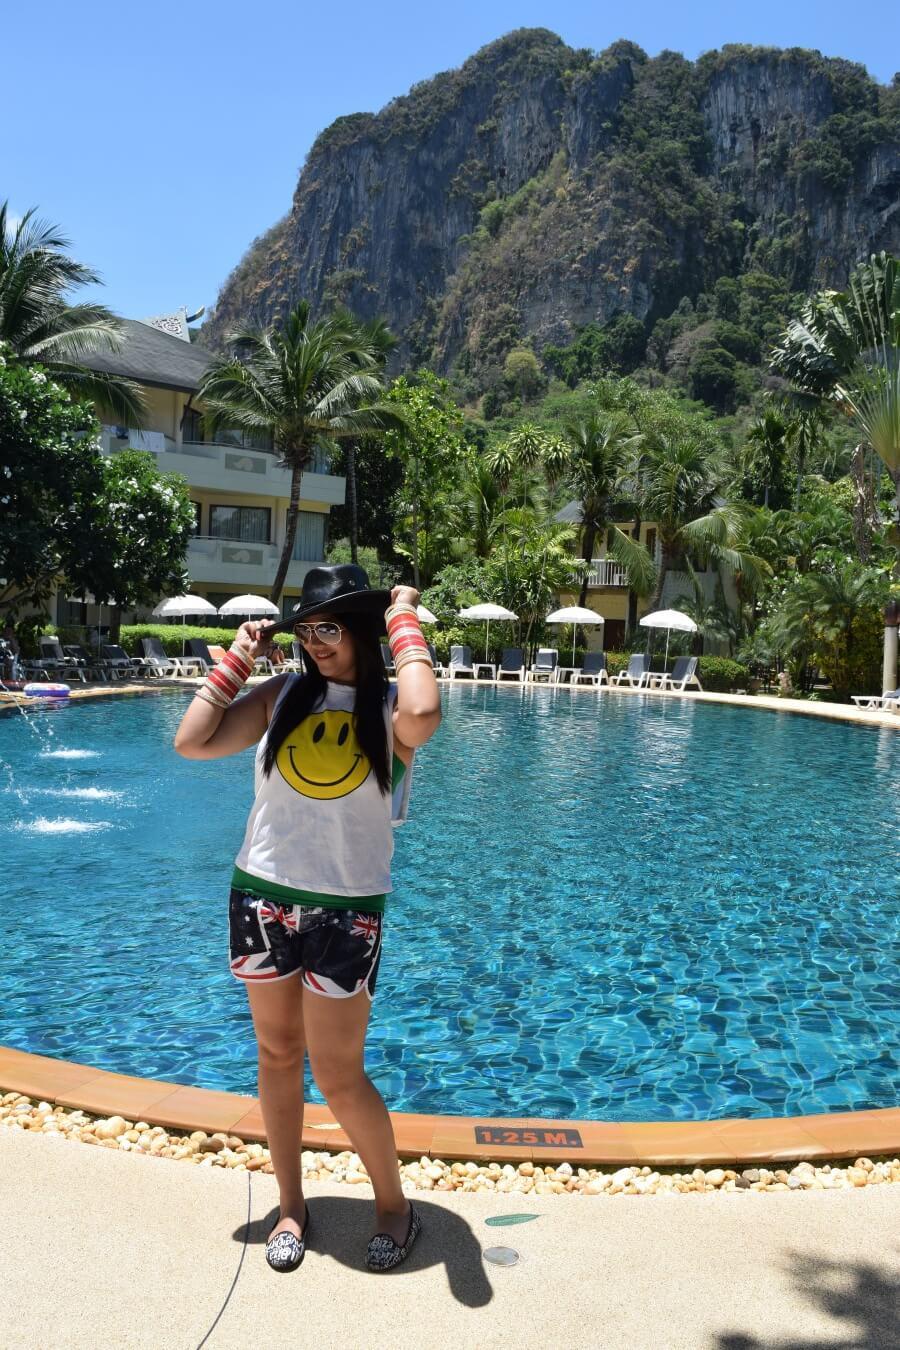 Sunny day at Krabi